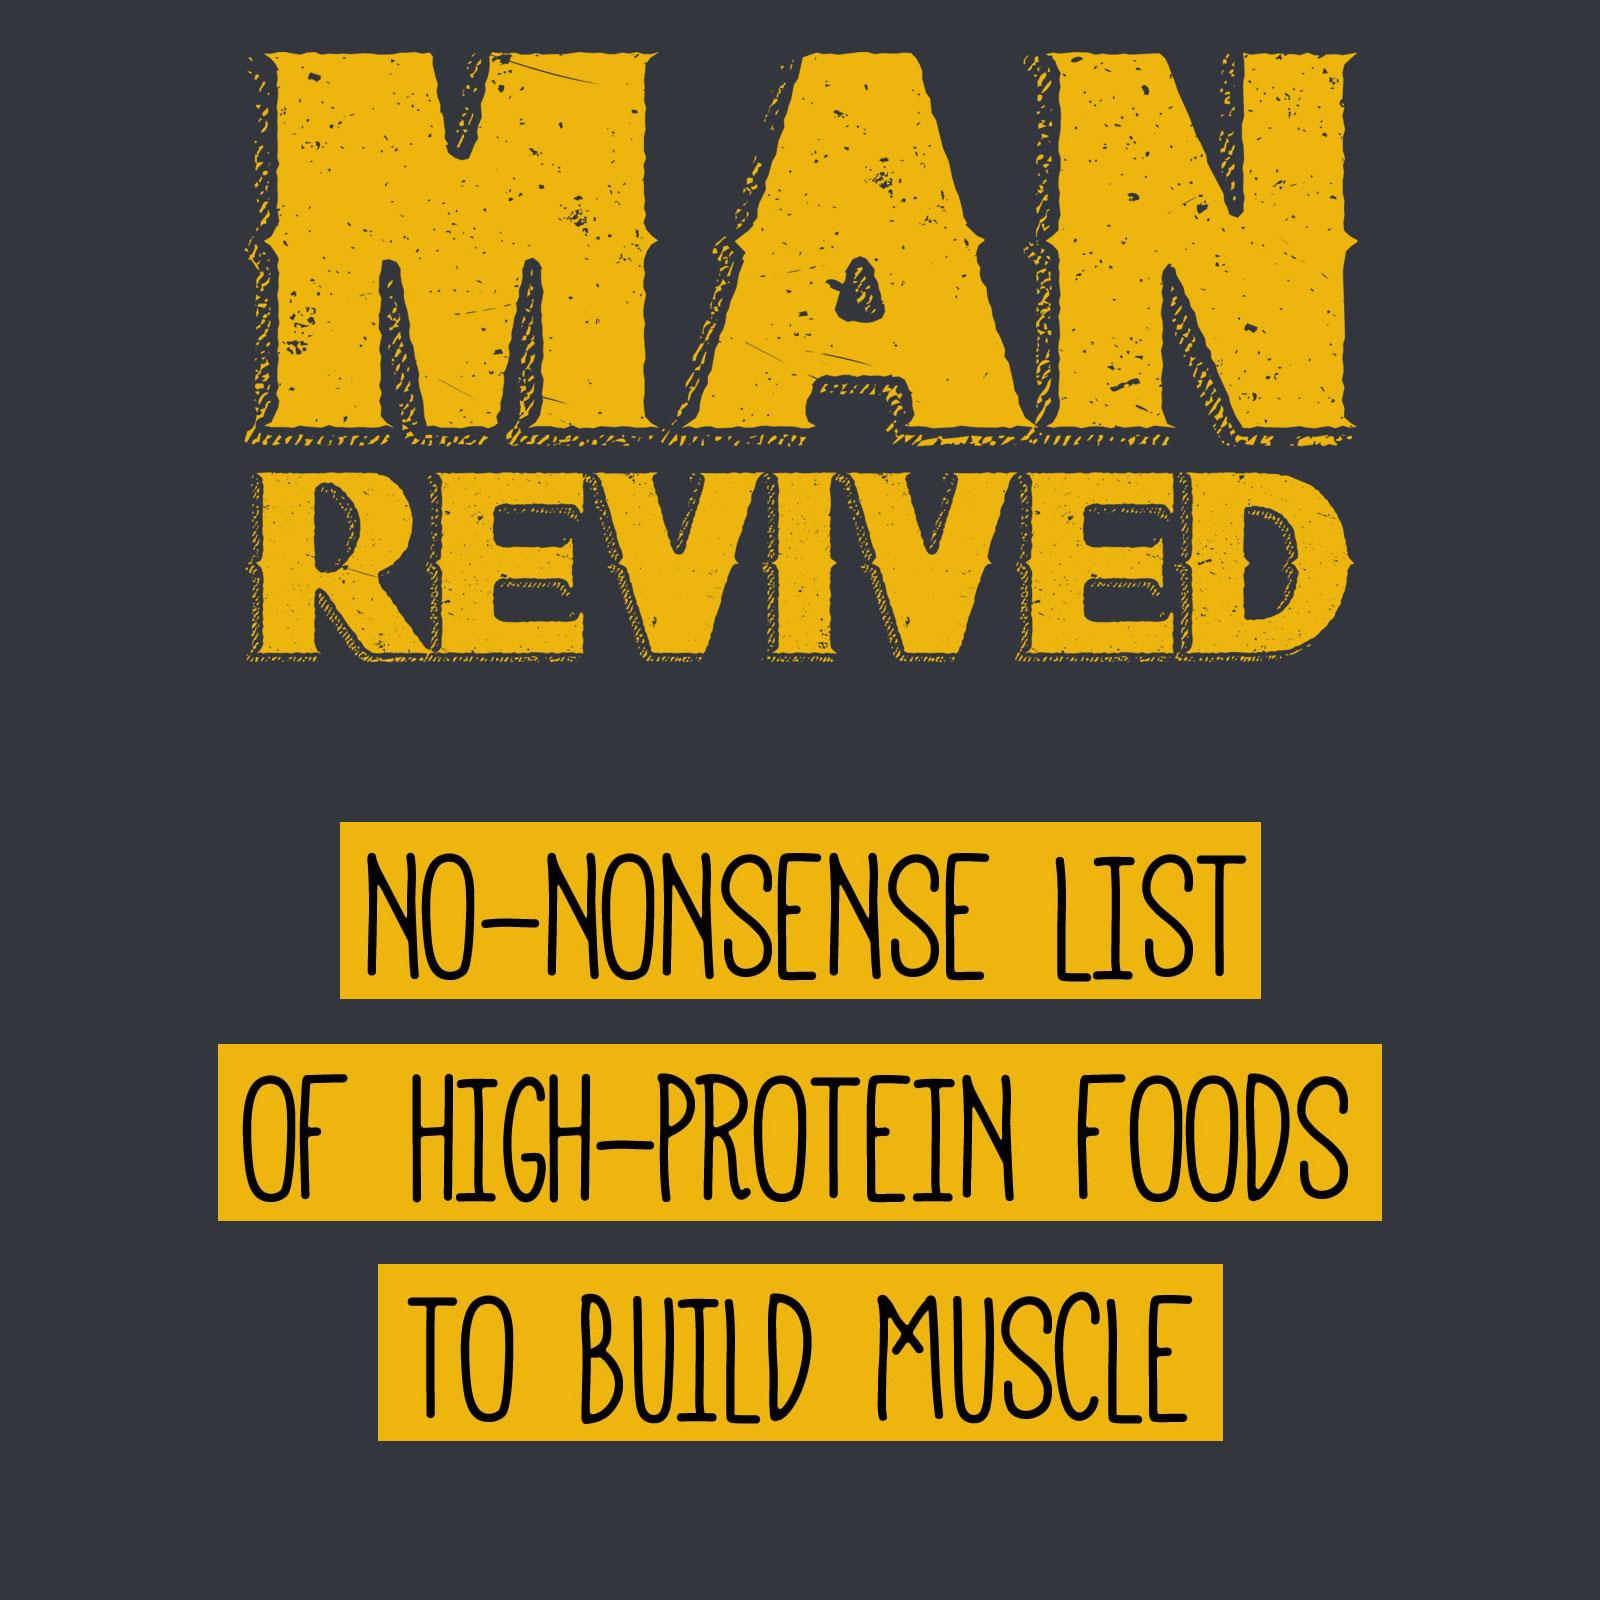 high protein foods list header